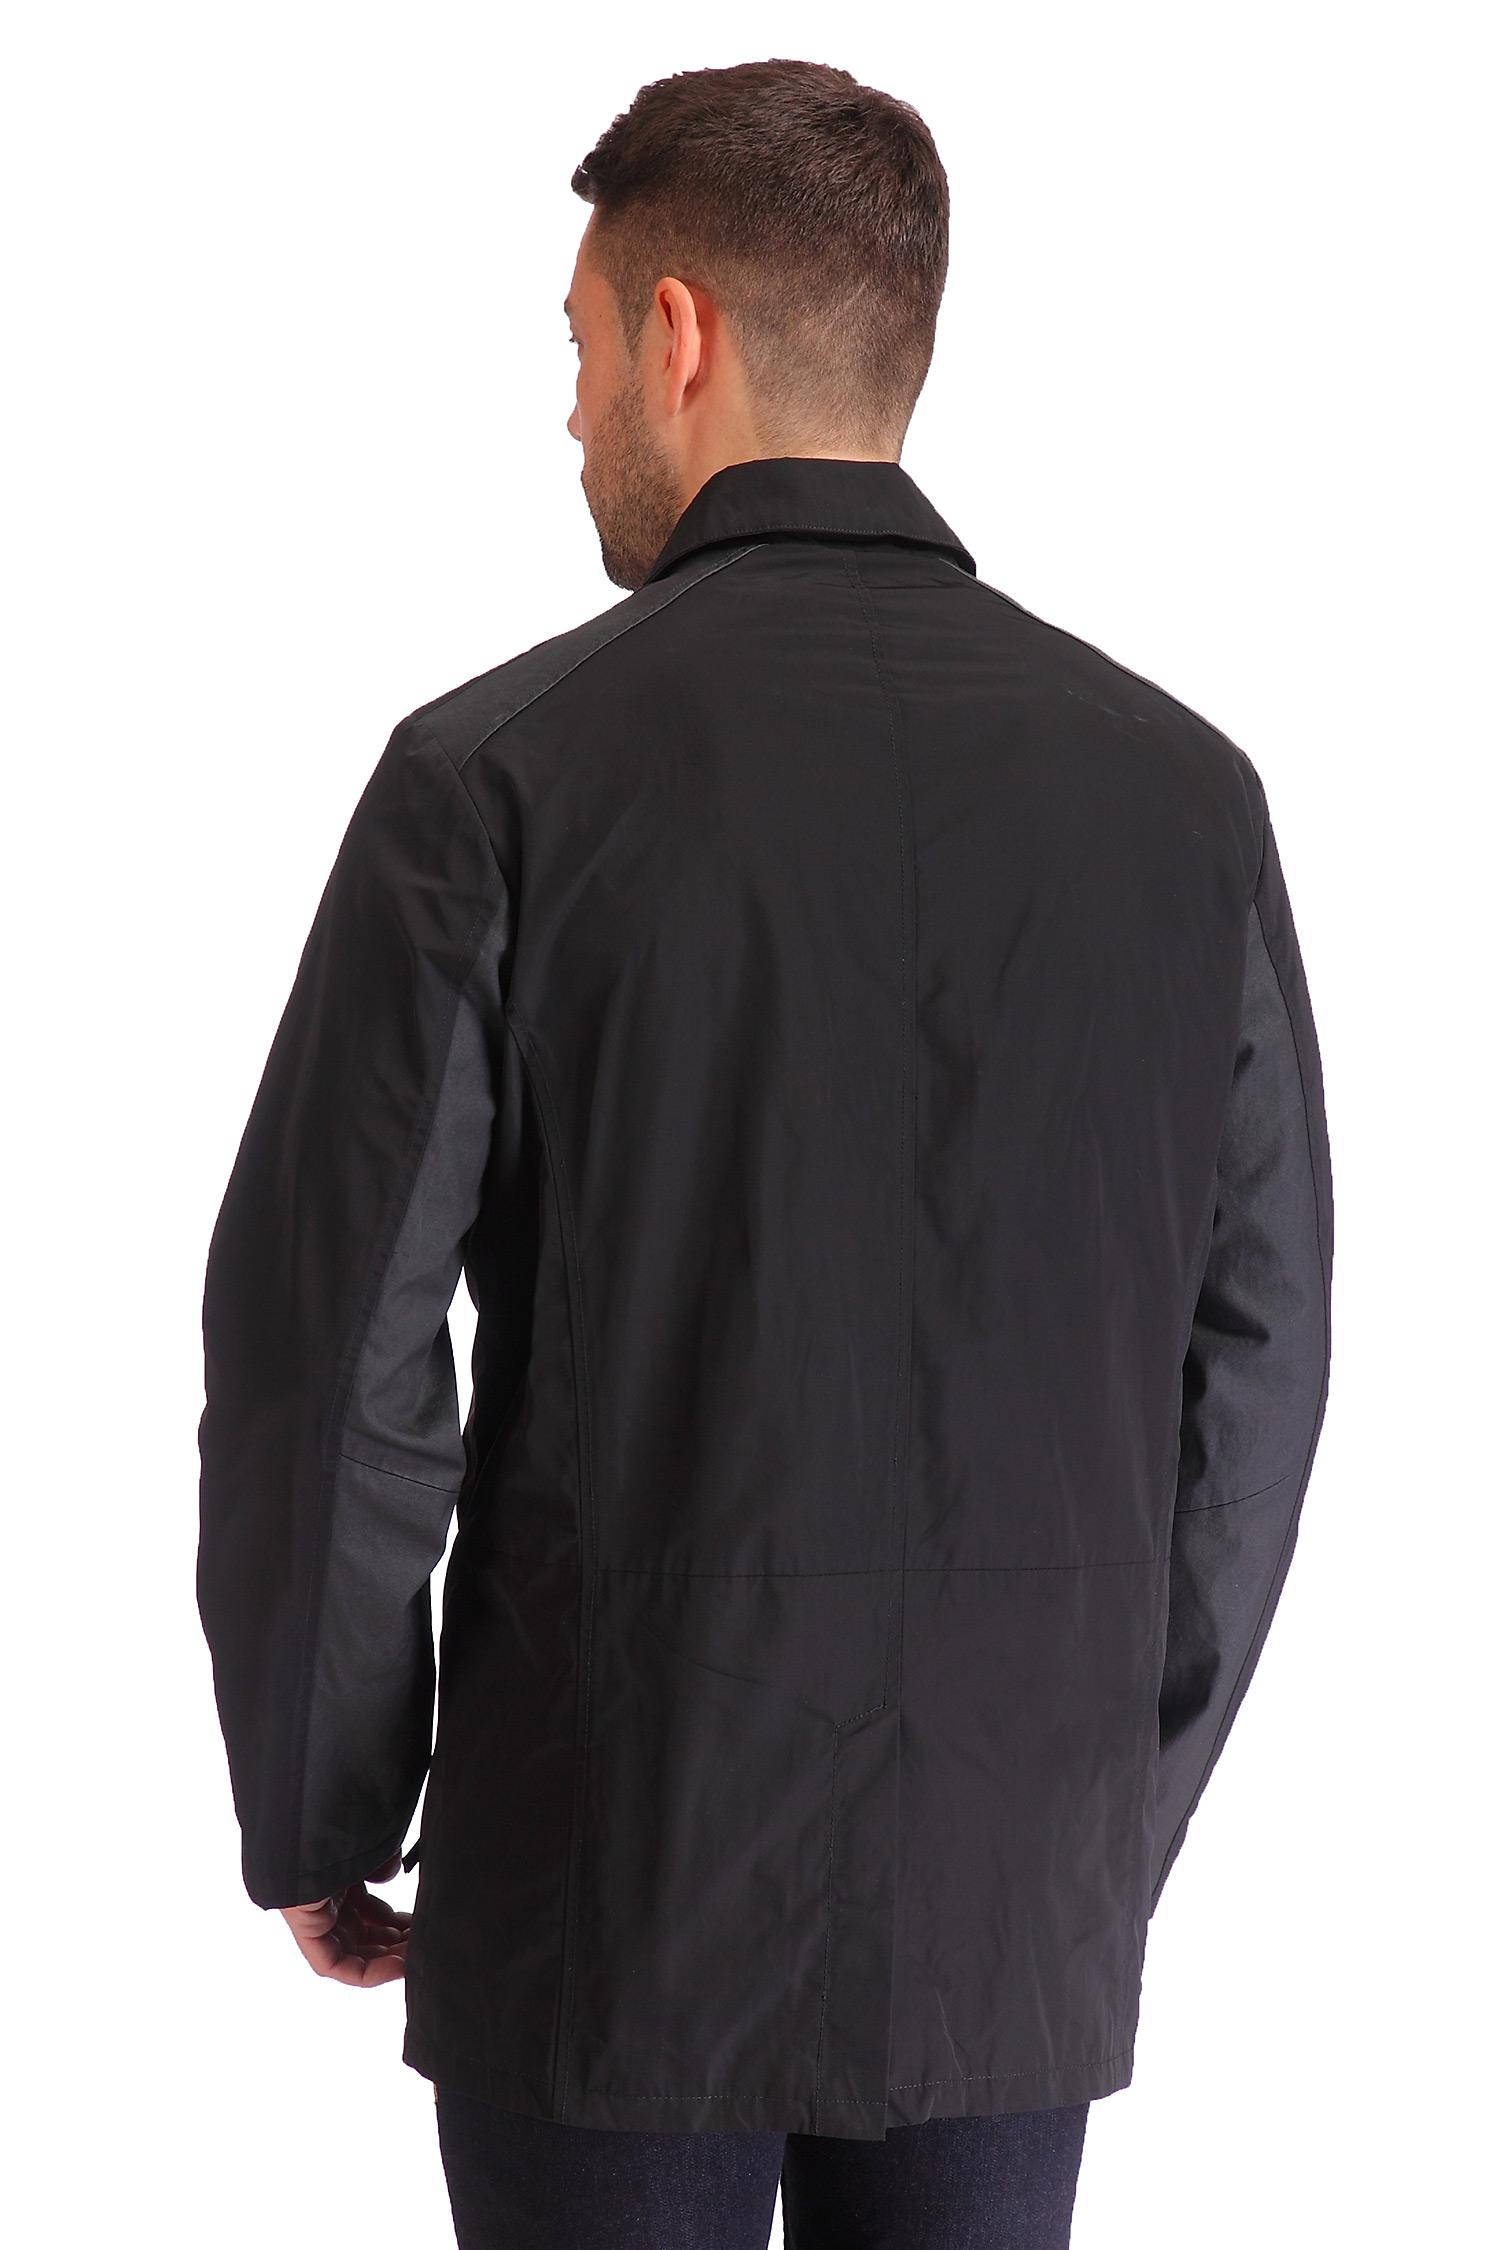 Фото 8 - Мужская куртка из текстиля с воротником, отделка искусственная кожа от МОСМЕХА черного цвета